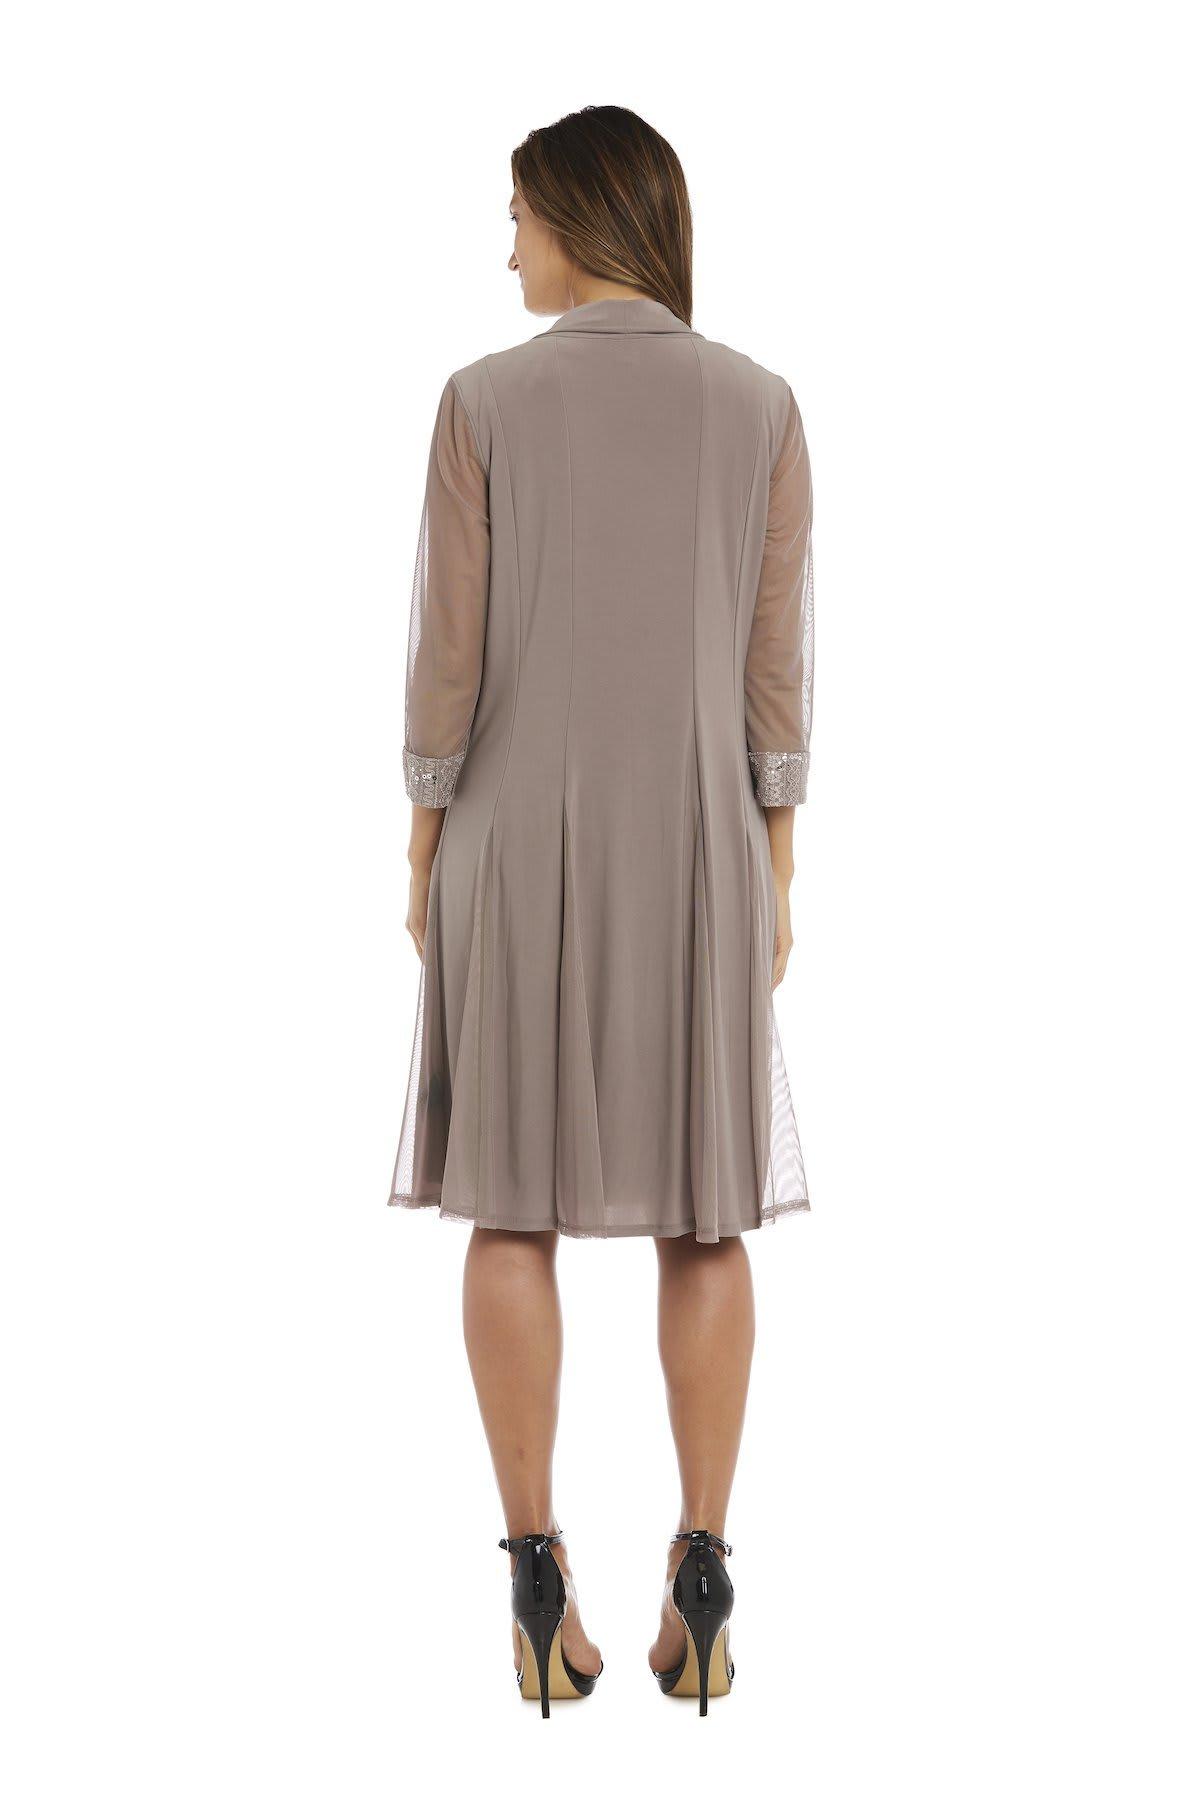 Embellished Shift Dress with Sheer Jacket - Taupe - Back